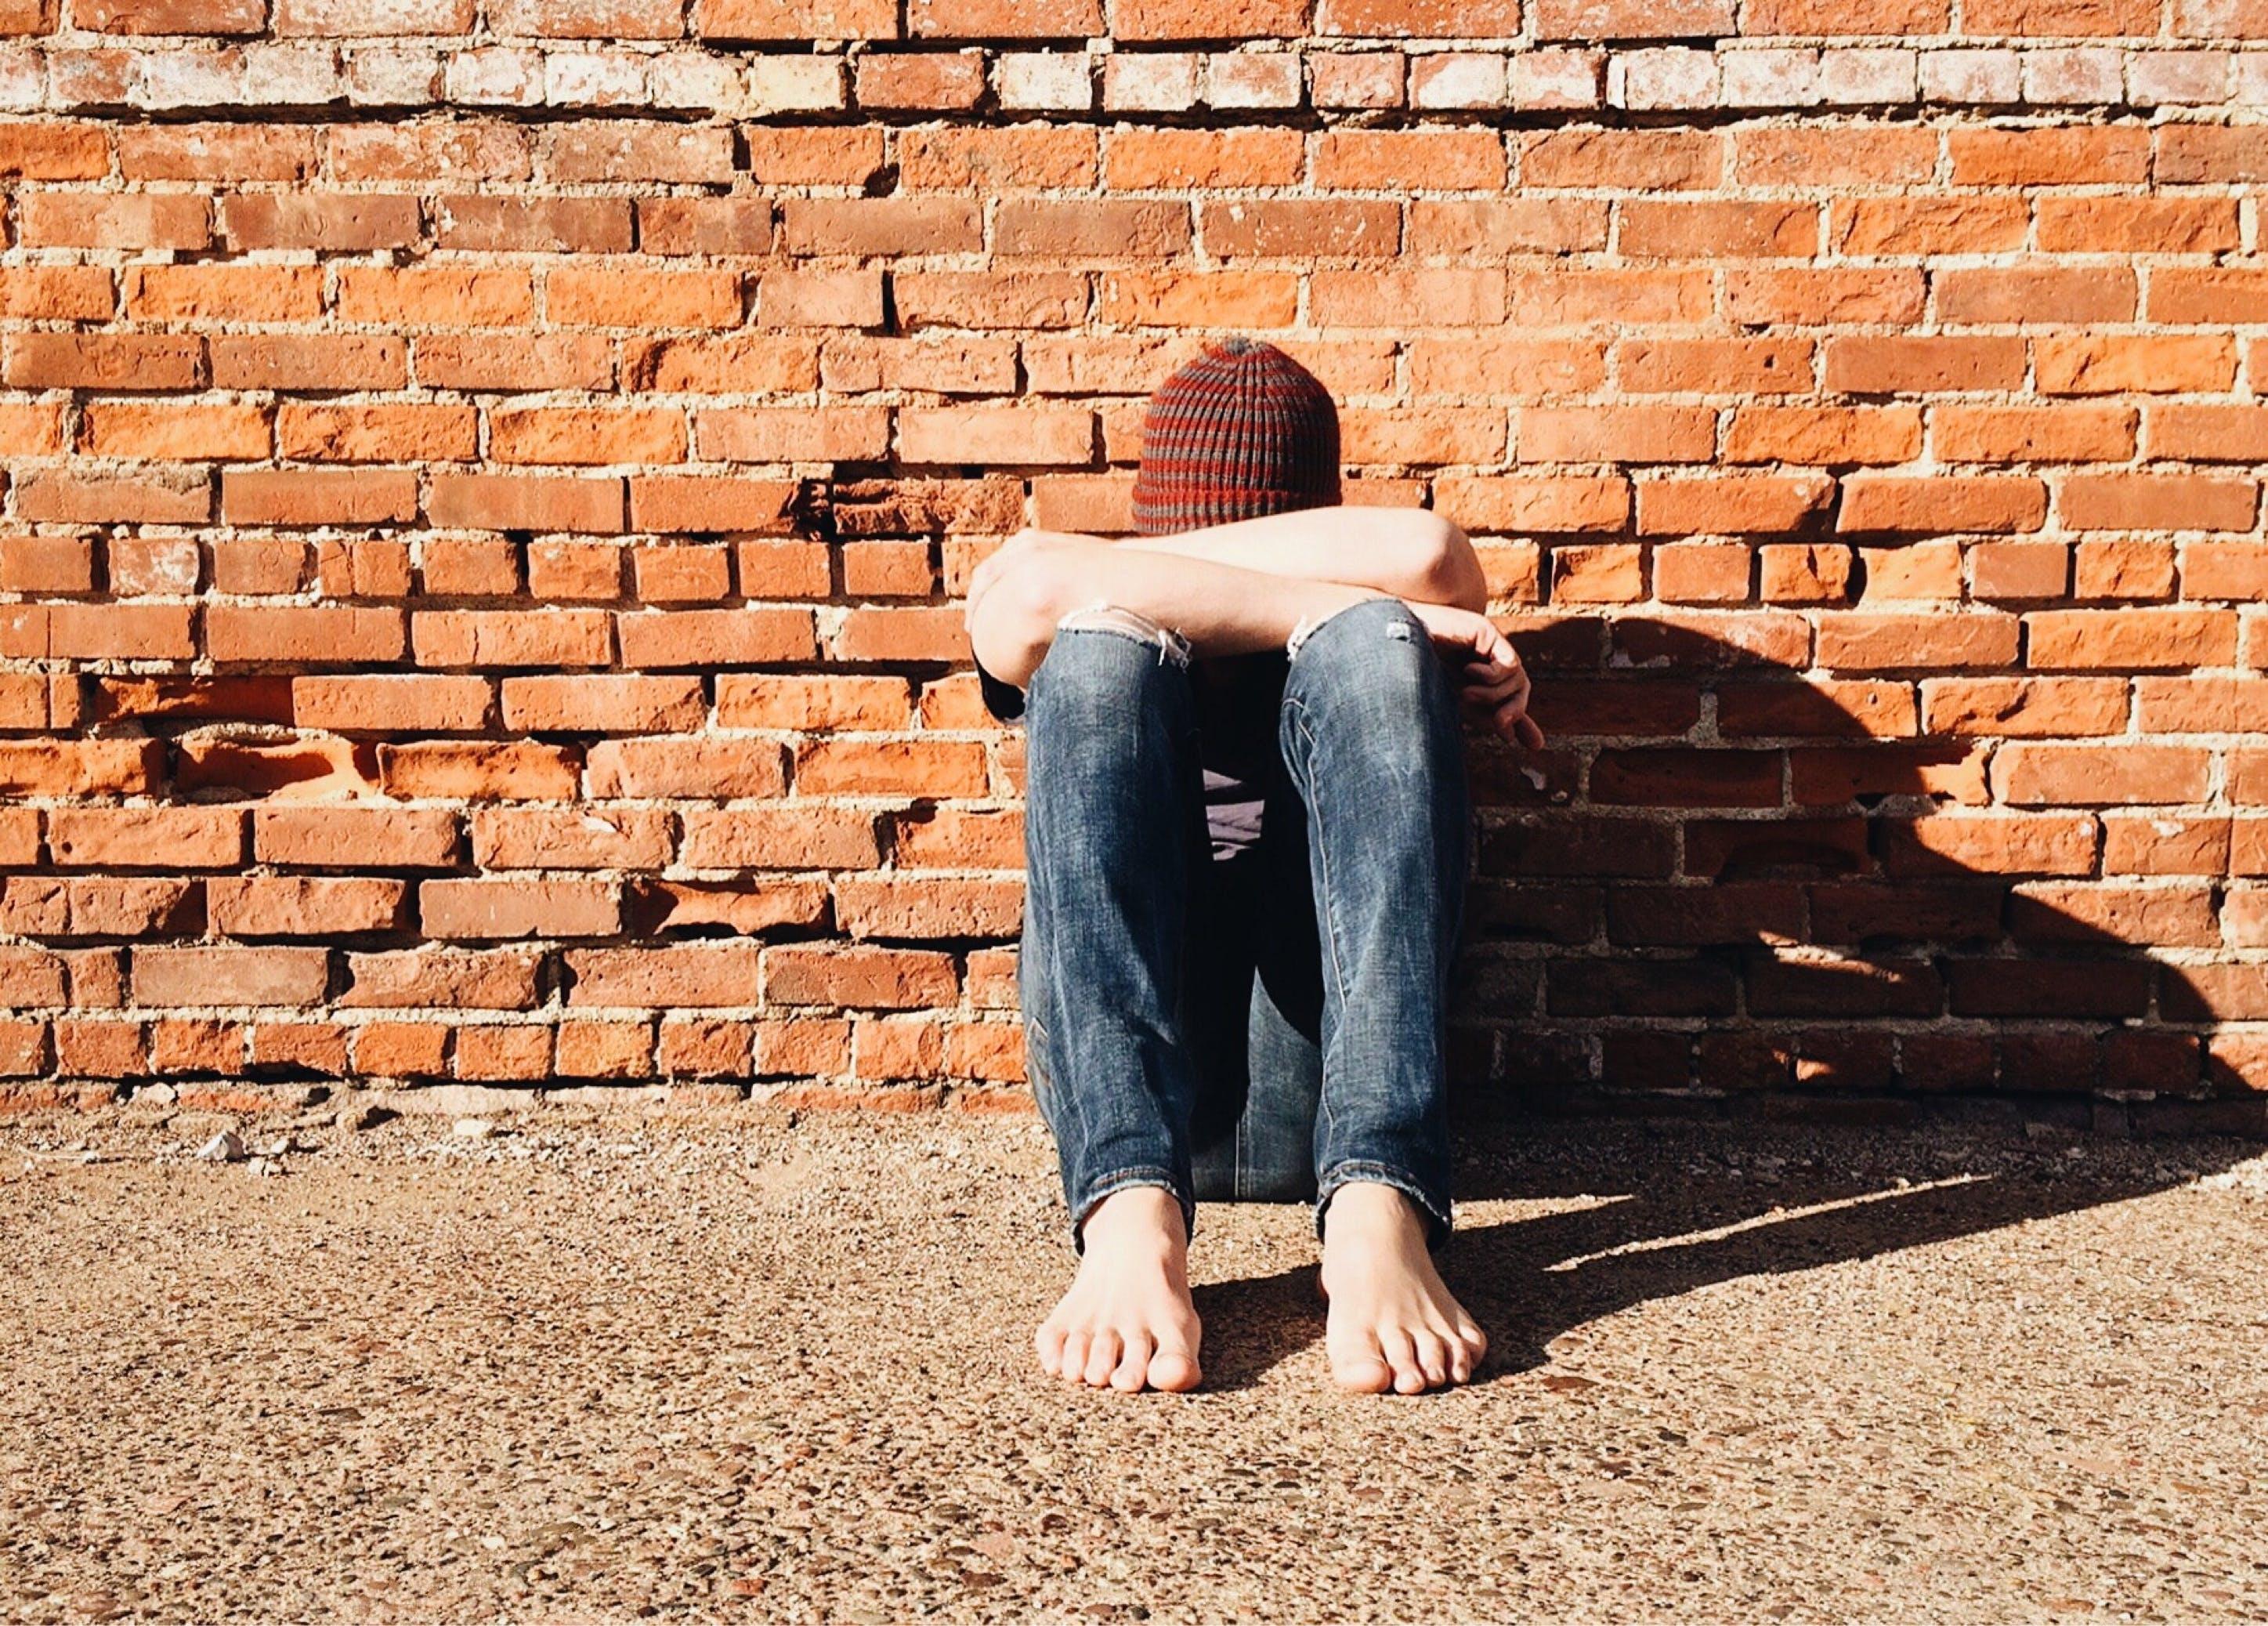 Kostenloses Stock Foto zu allein, beton, draußen, erwachsener